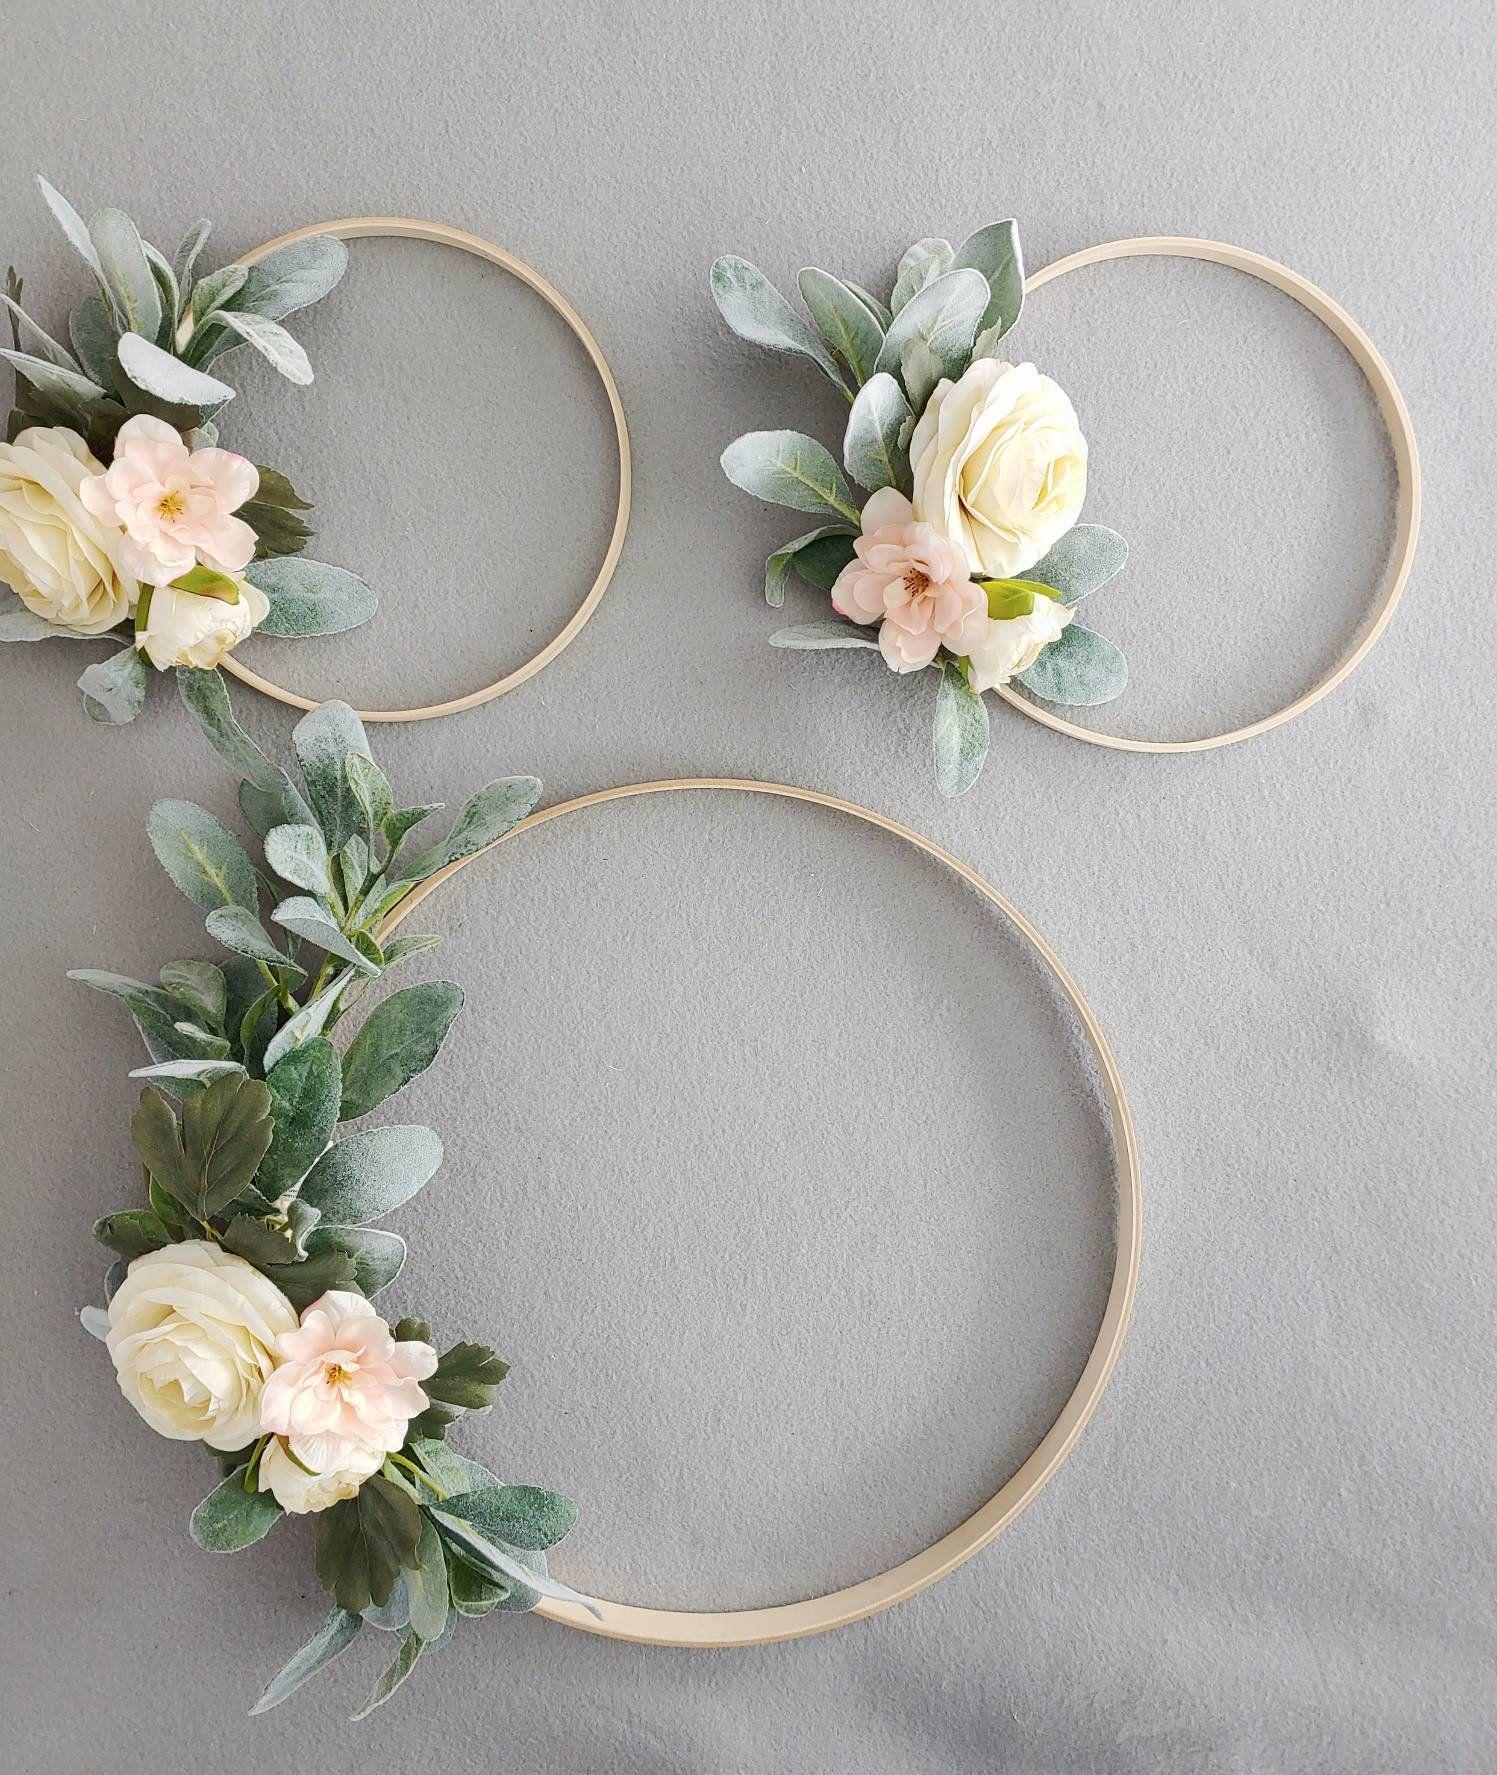 Photo of Floral Hoop Wreaths, Nursery Hoop Wreaths, Set of 3 Wreaths, Wedding Floral Wreaths, Hoop Wreaths